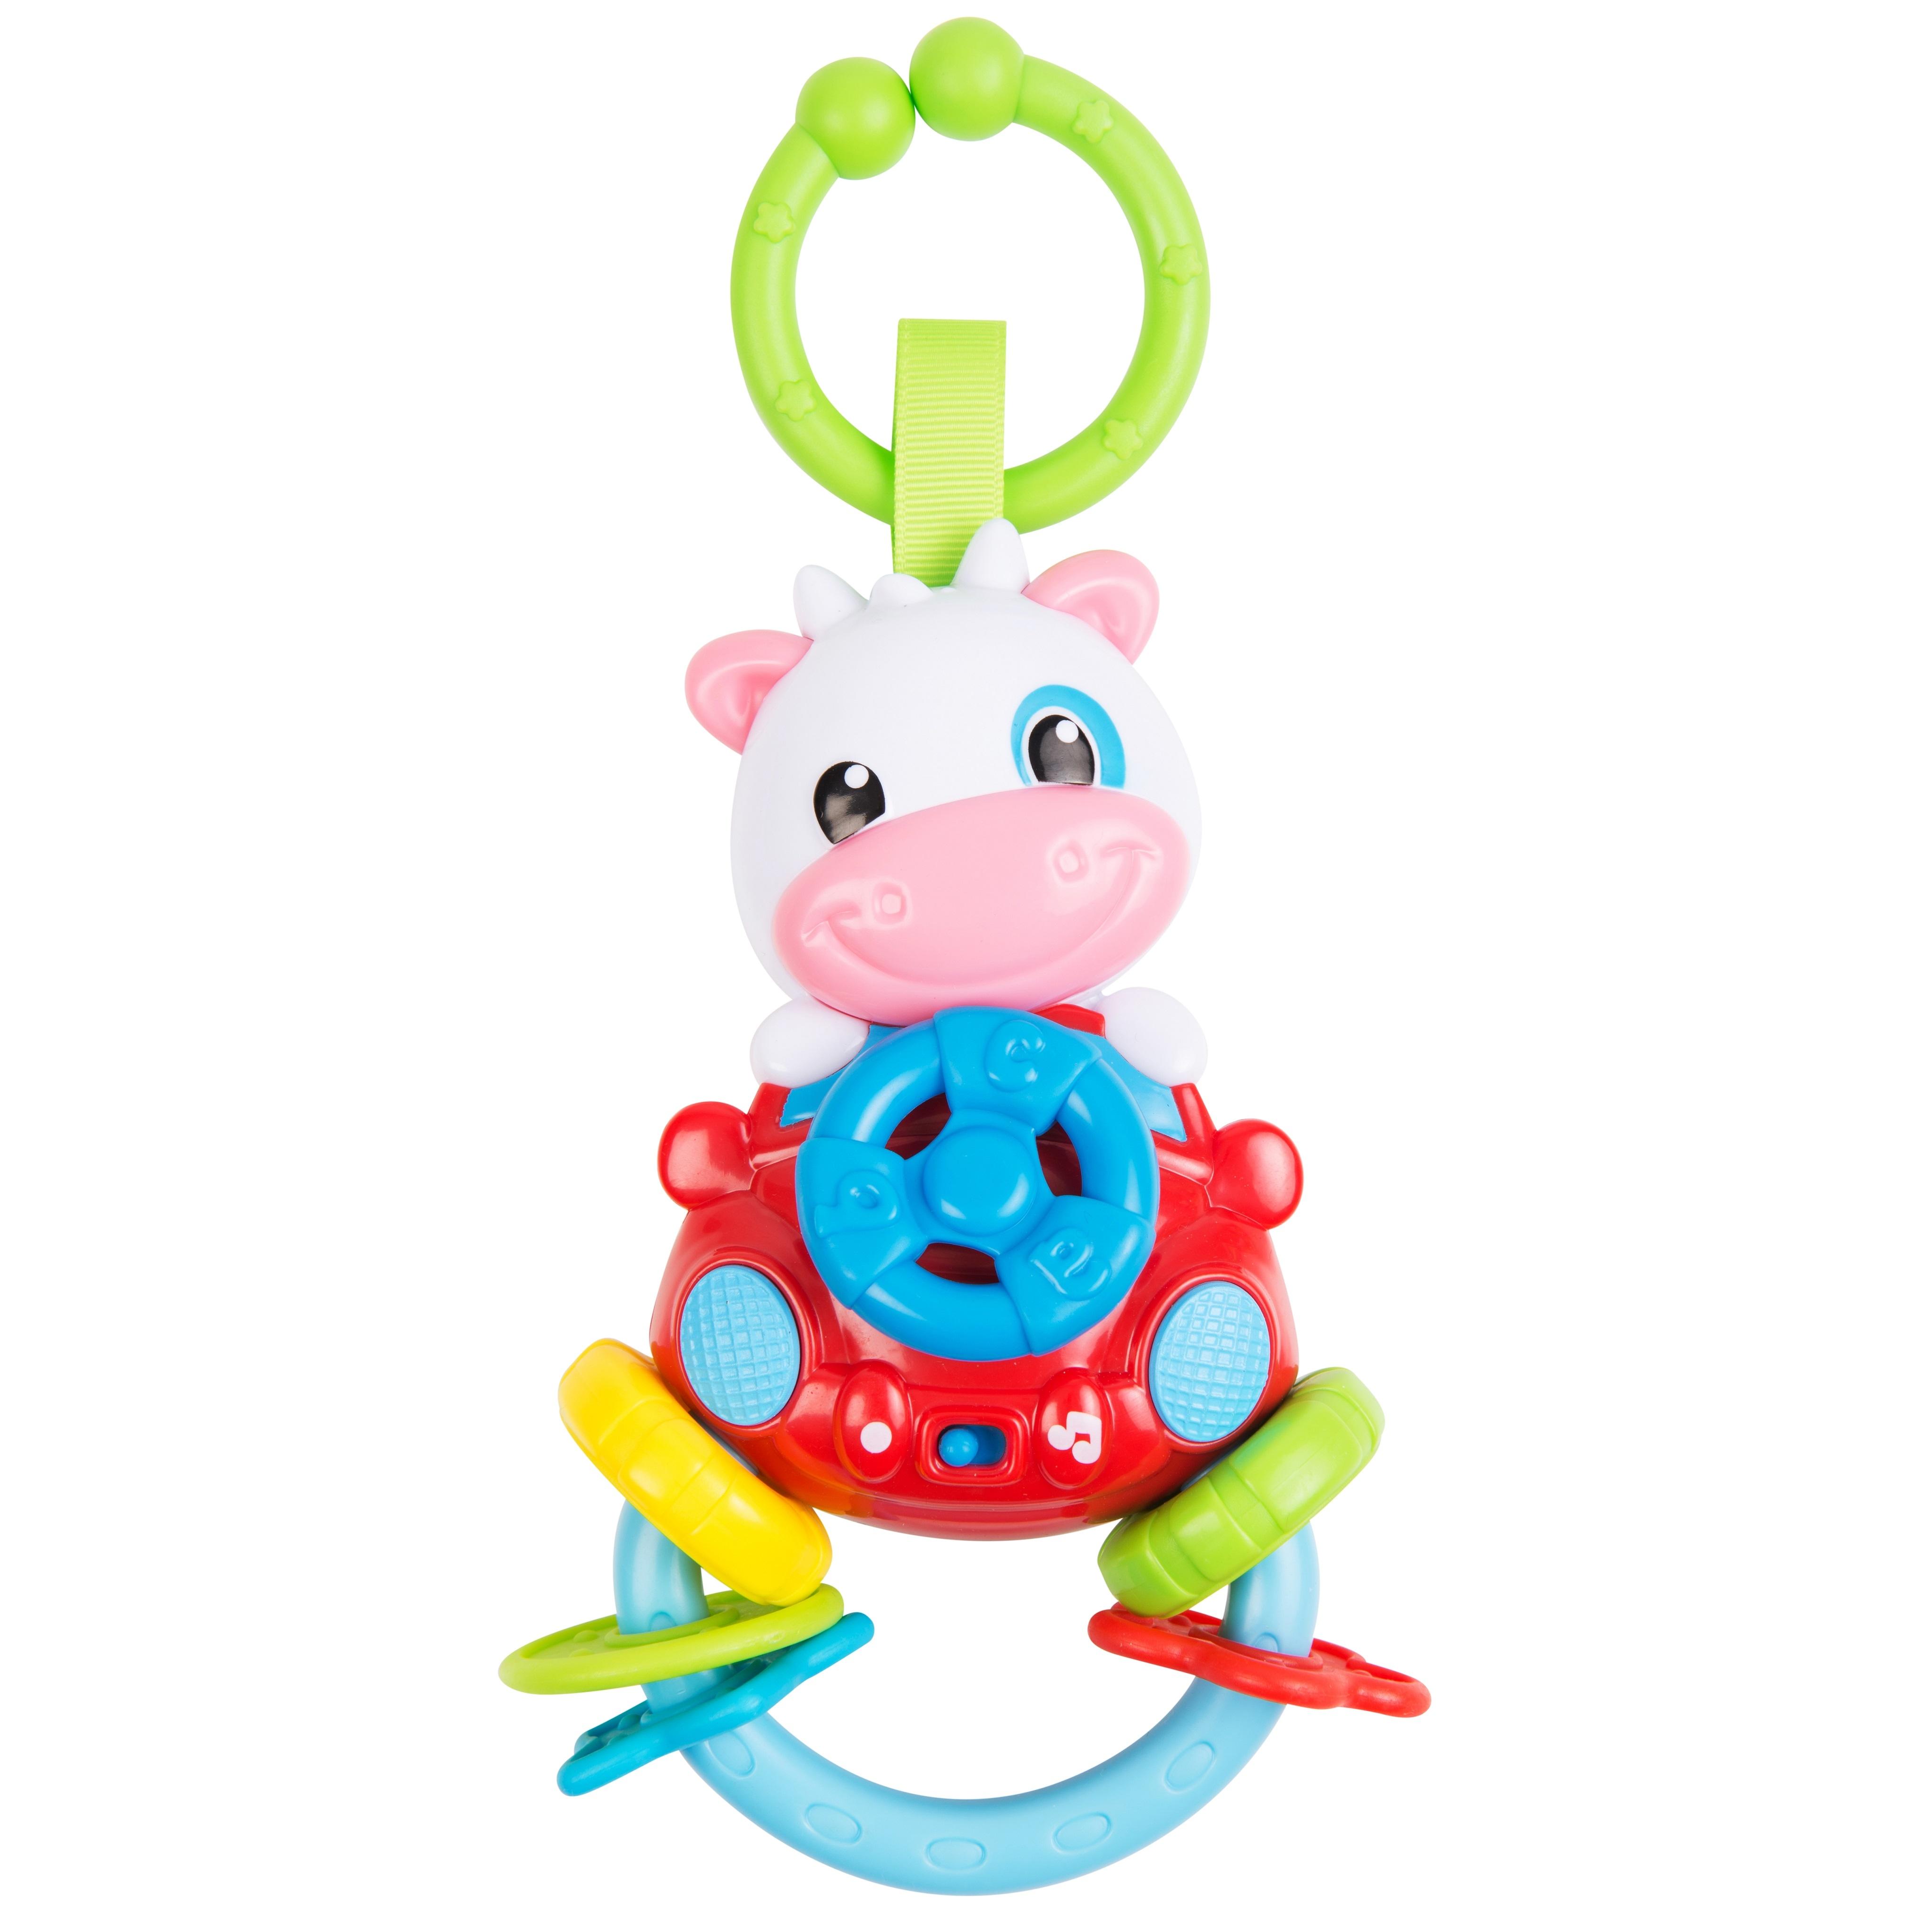 Музыкальная подвеска Clementoni Коровка babyono музыкальная игрушка подвеска коровка